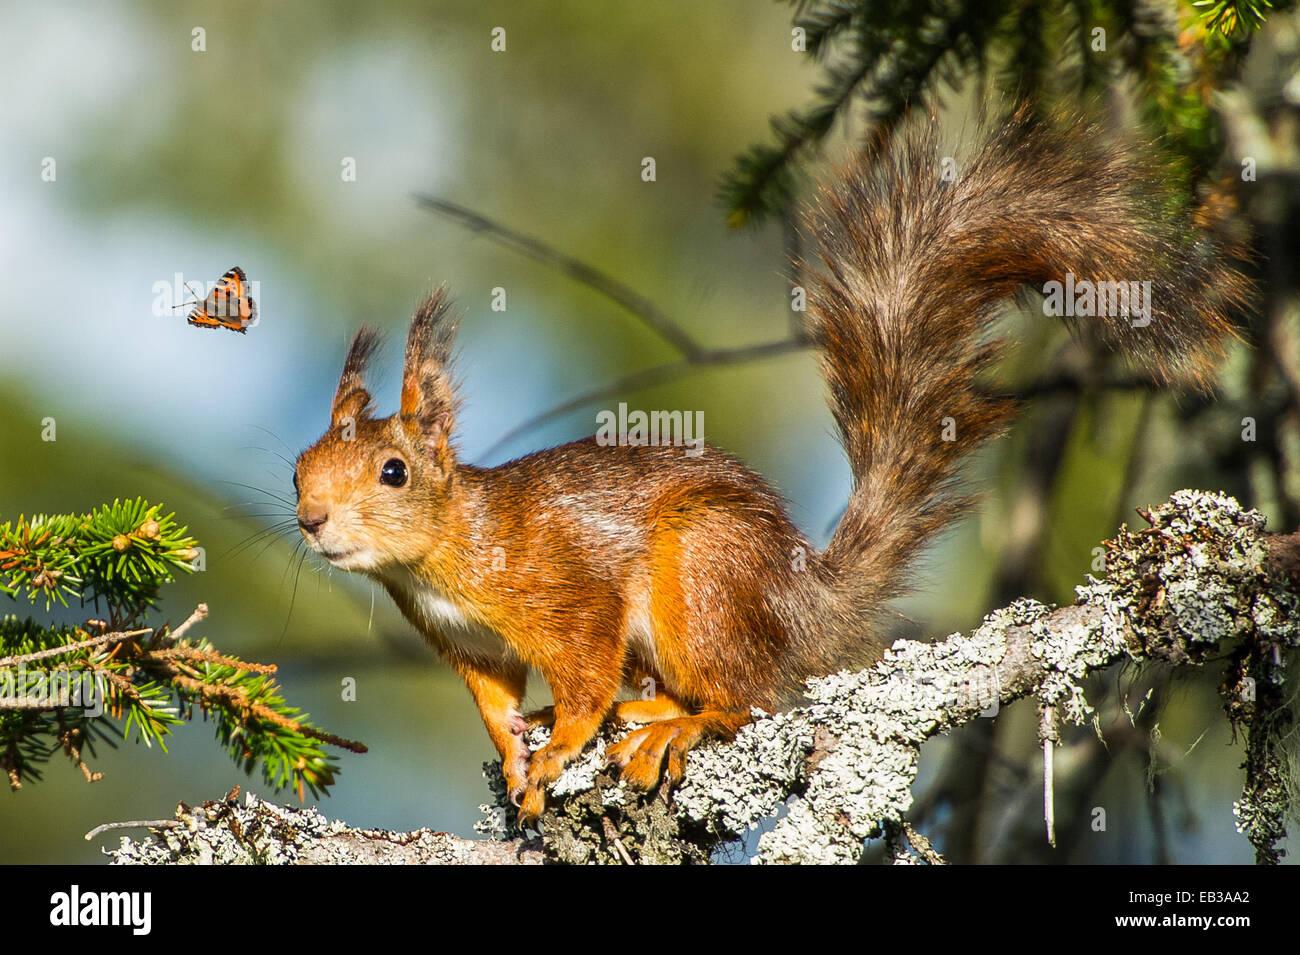 Blick auf fliegende Schmetterling Eichhörnchen Stockbild